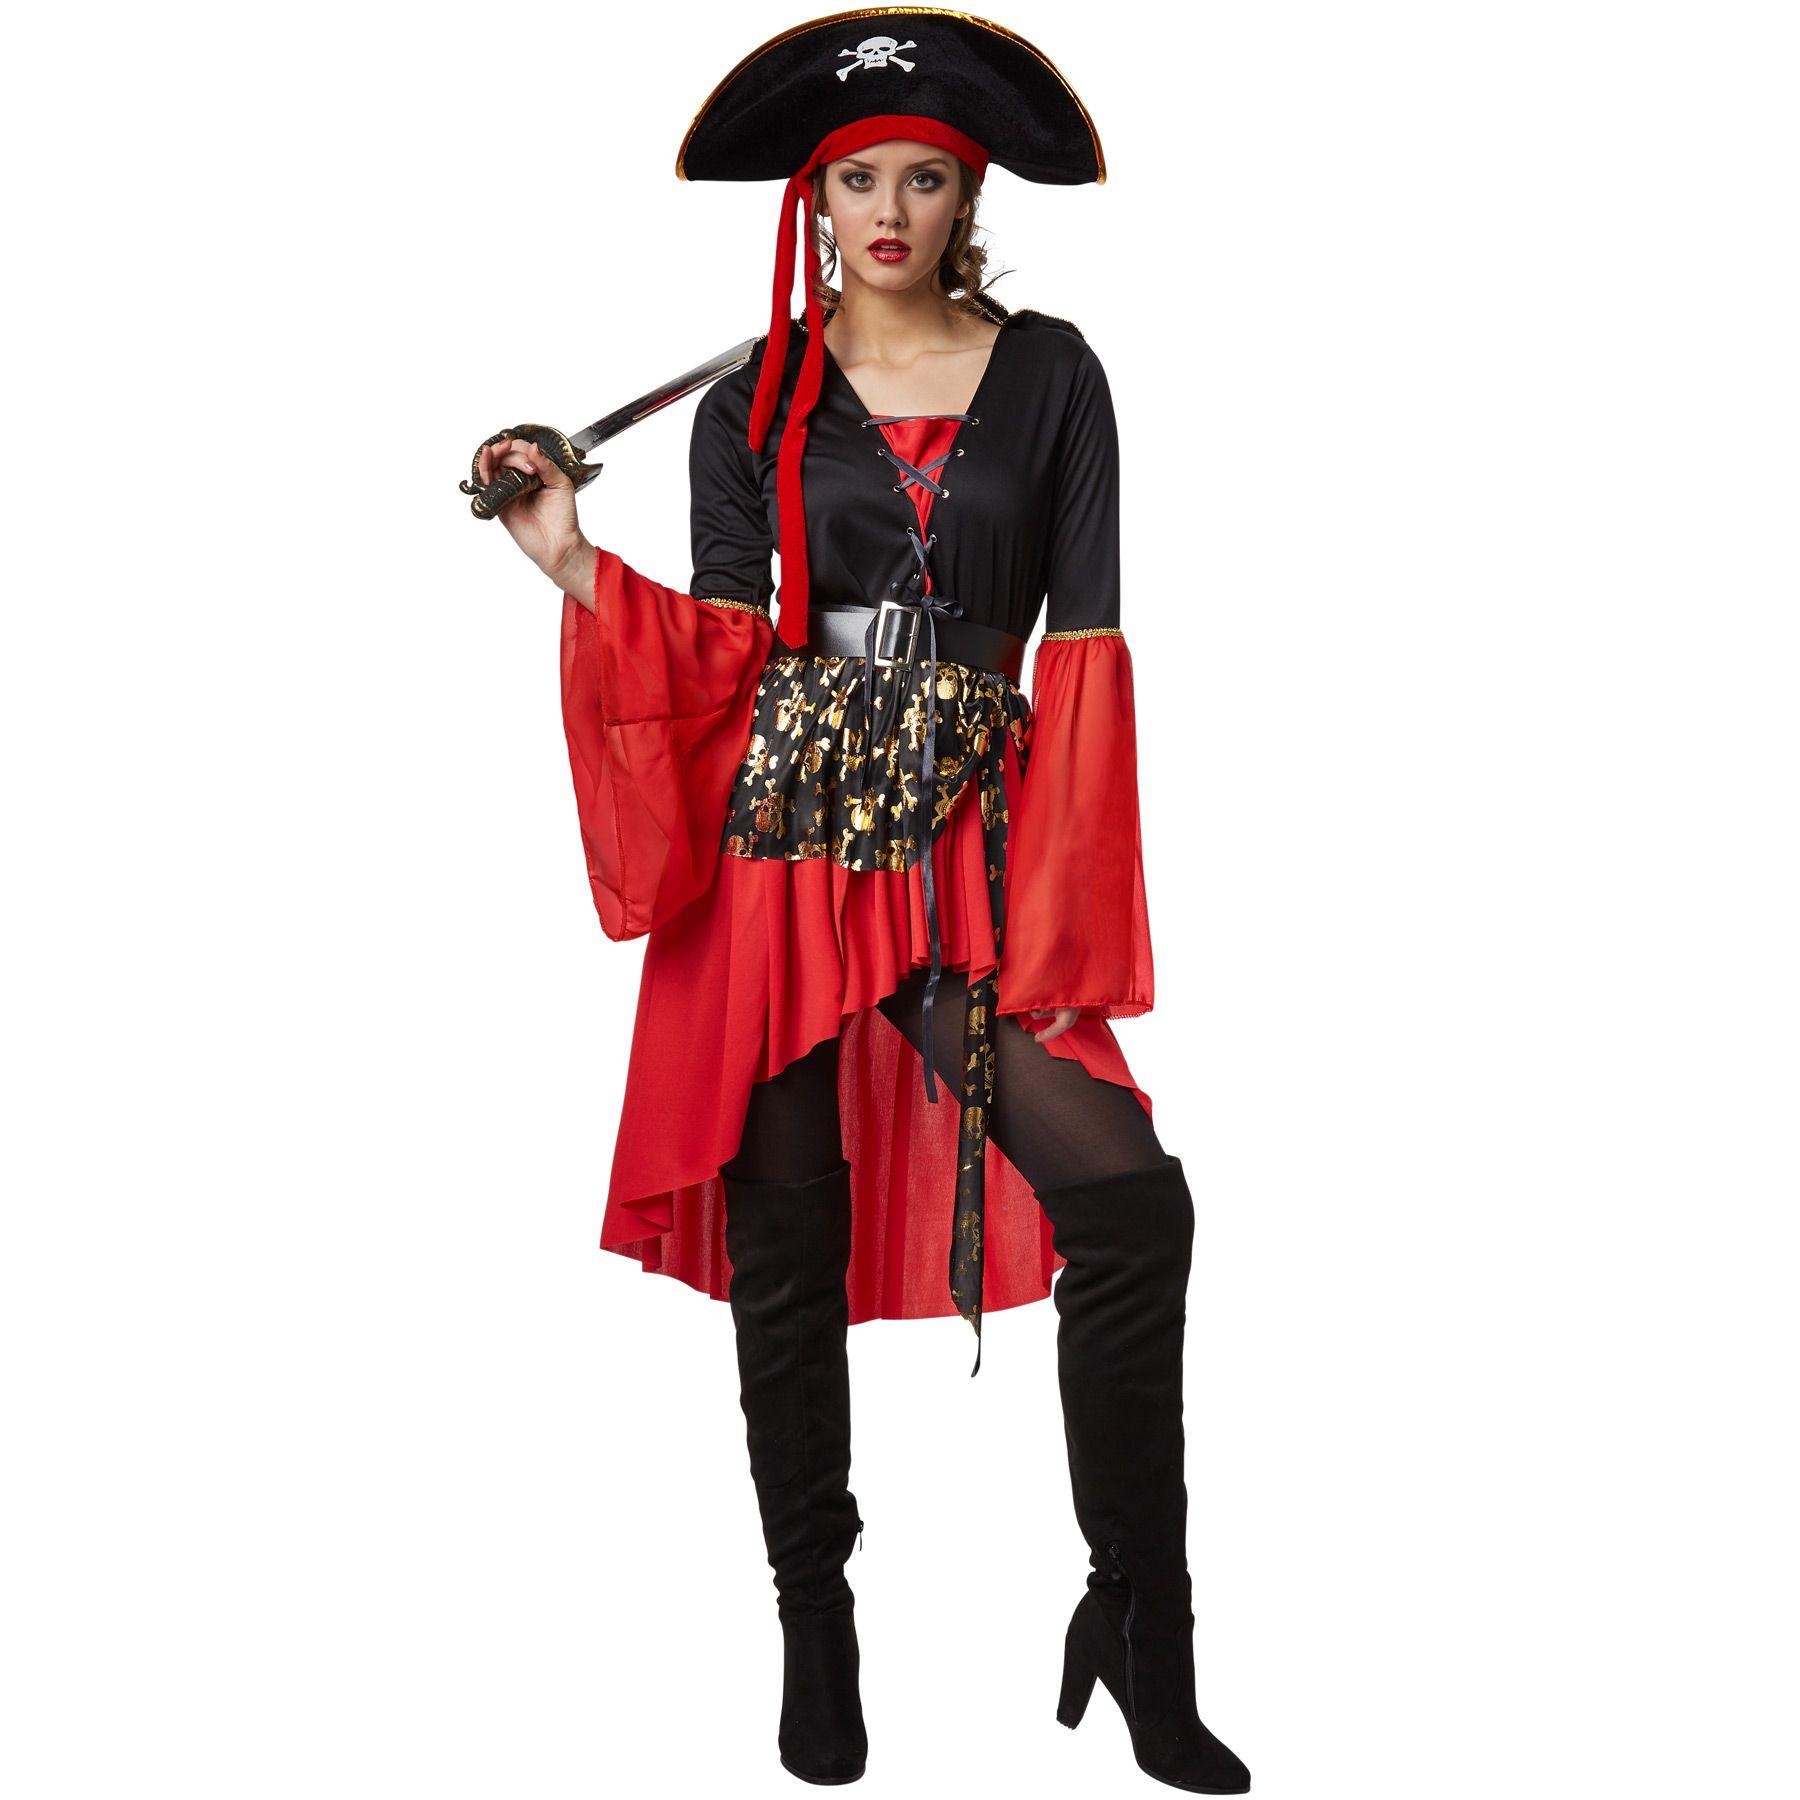 Il costume per donna da regina dei pirati si compone di un abito con  allacciatura a stringhe 2e17d90eee7